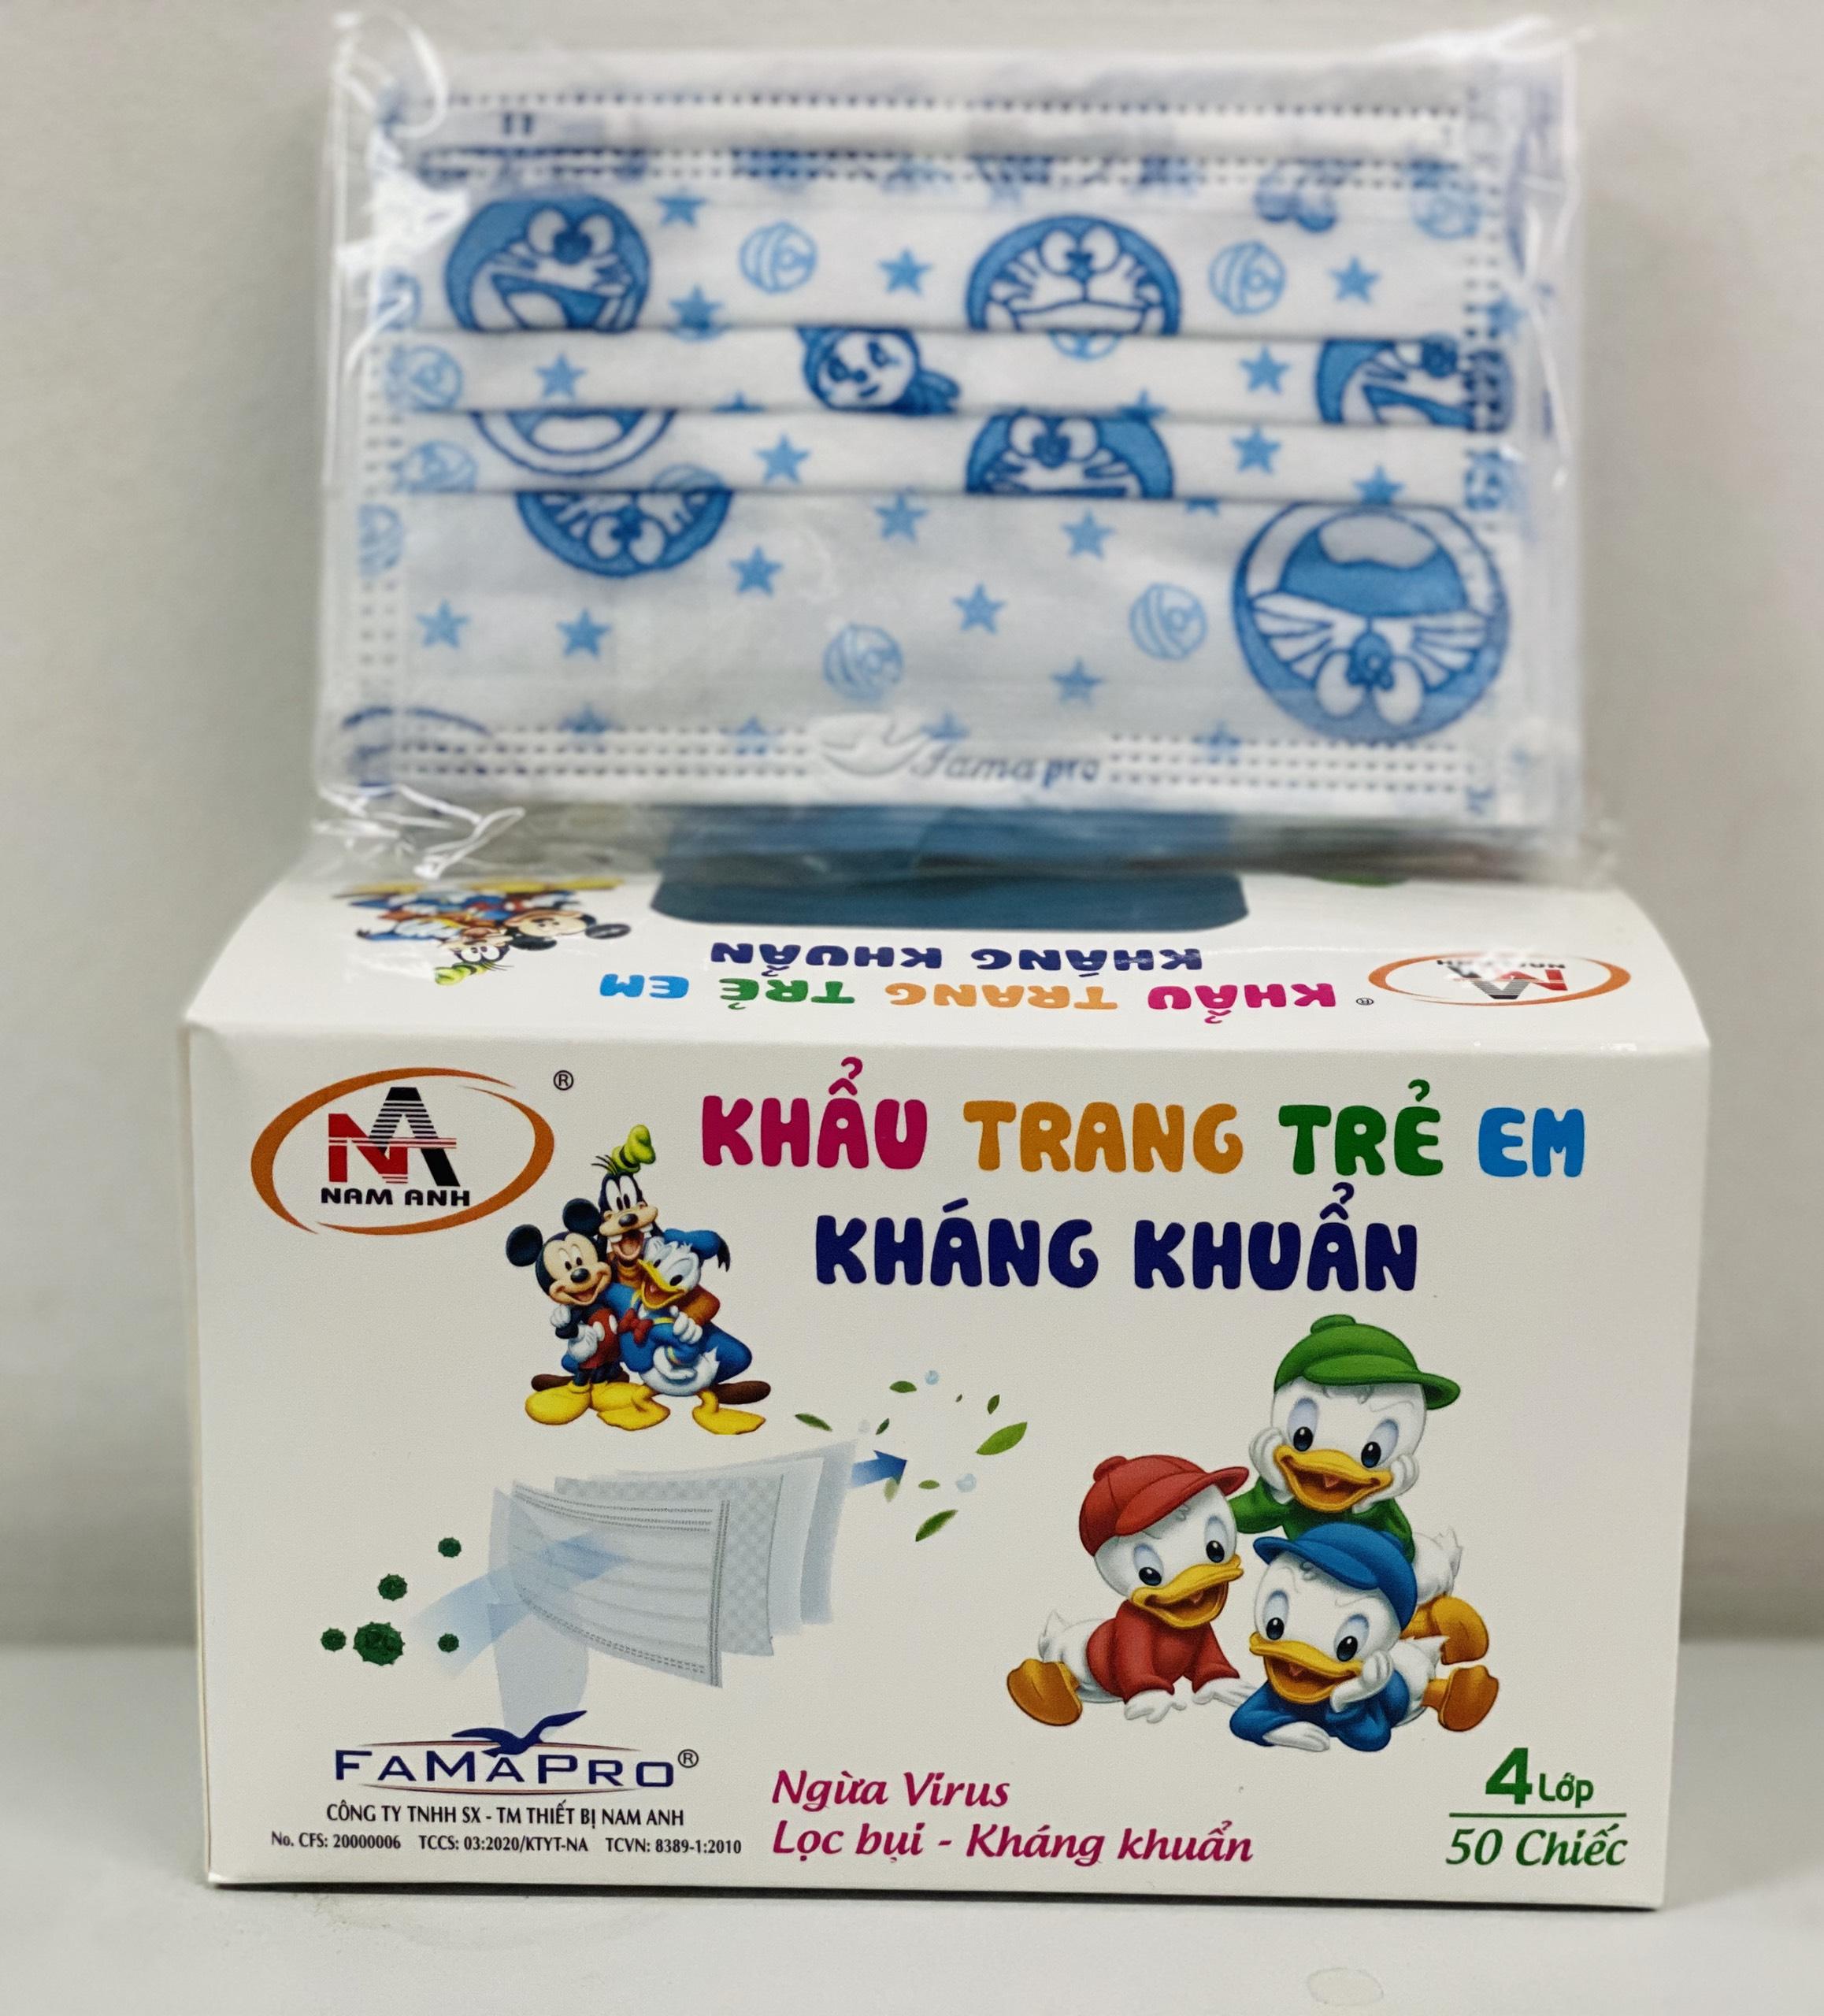 Combo 2 Hộp Khẩu trang trẻ em kháng khuẩn Famapro (Hộp 50 cái -Xanh Đôrêmon)